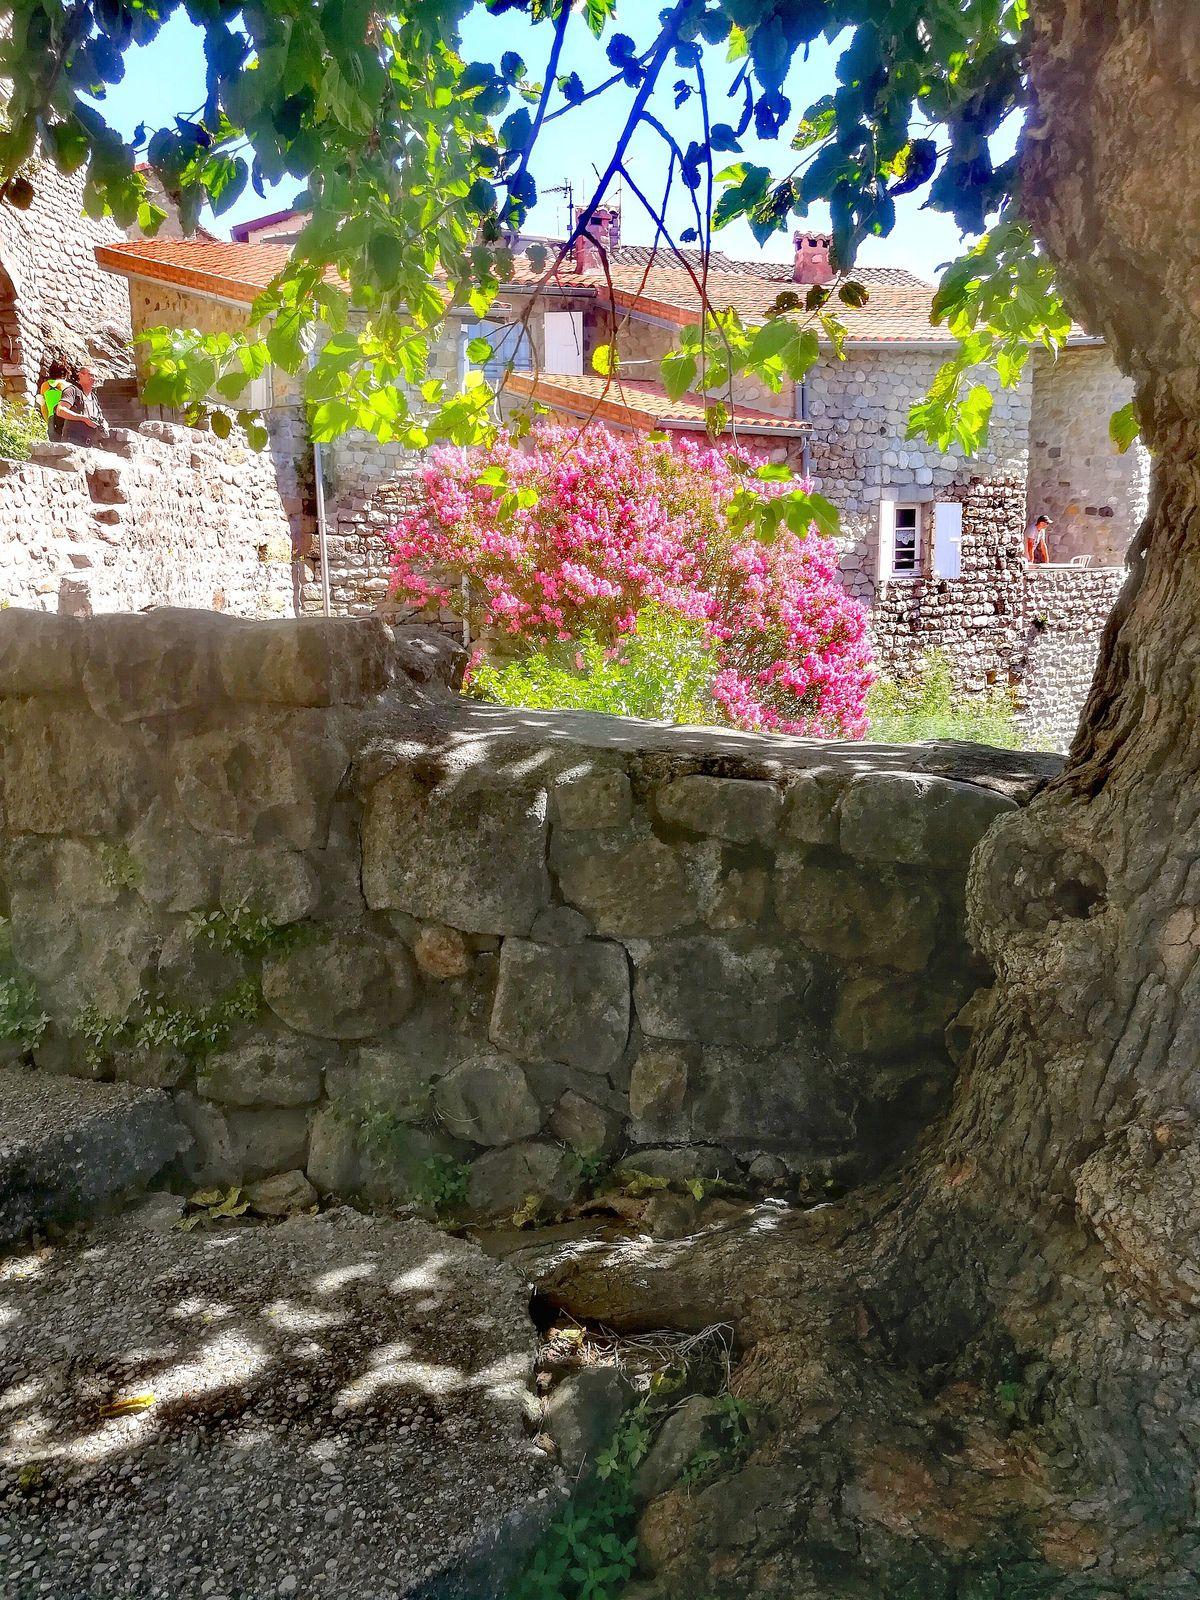 Jaujac, cette petite commune principalement connue pour son eau gazeuse.